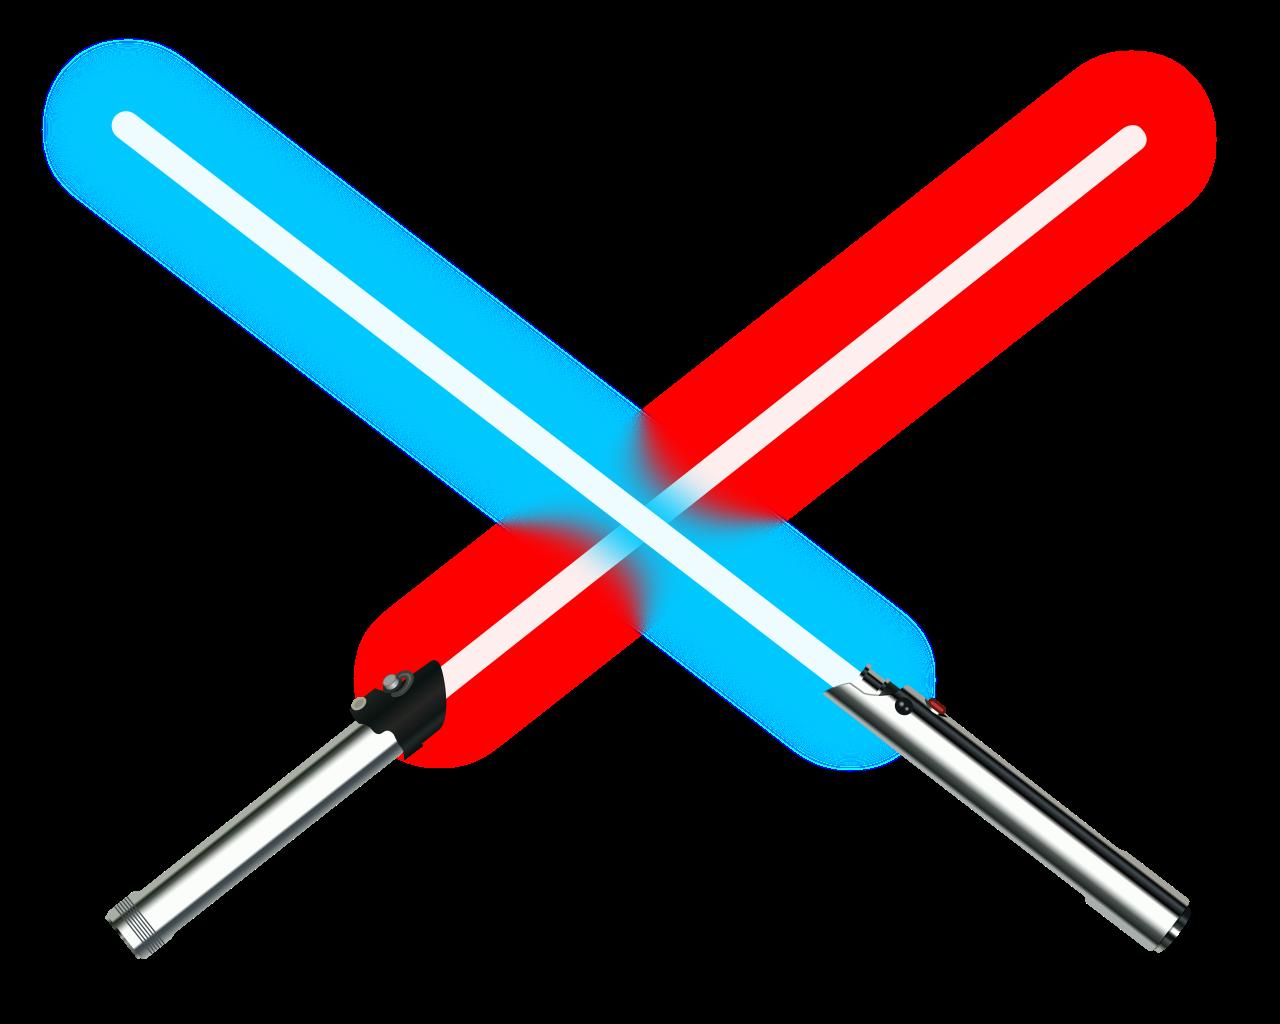 58 Reference Of Blue Lightsaber Png Star Wars Light Saber Lightsaber Blue Lightsaber